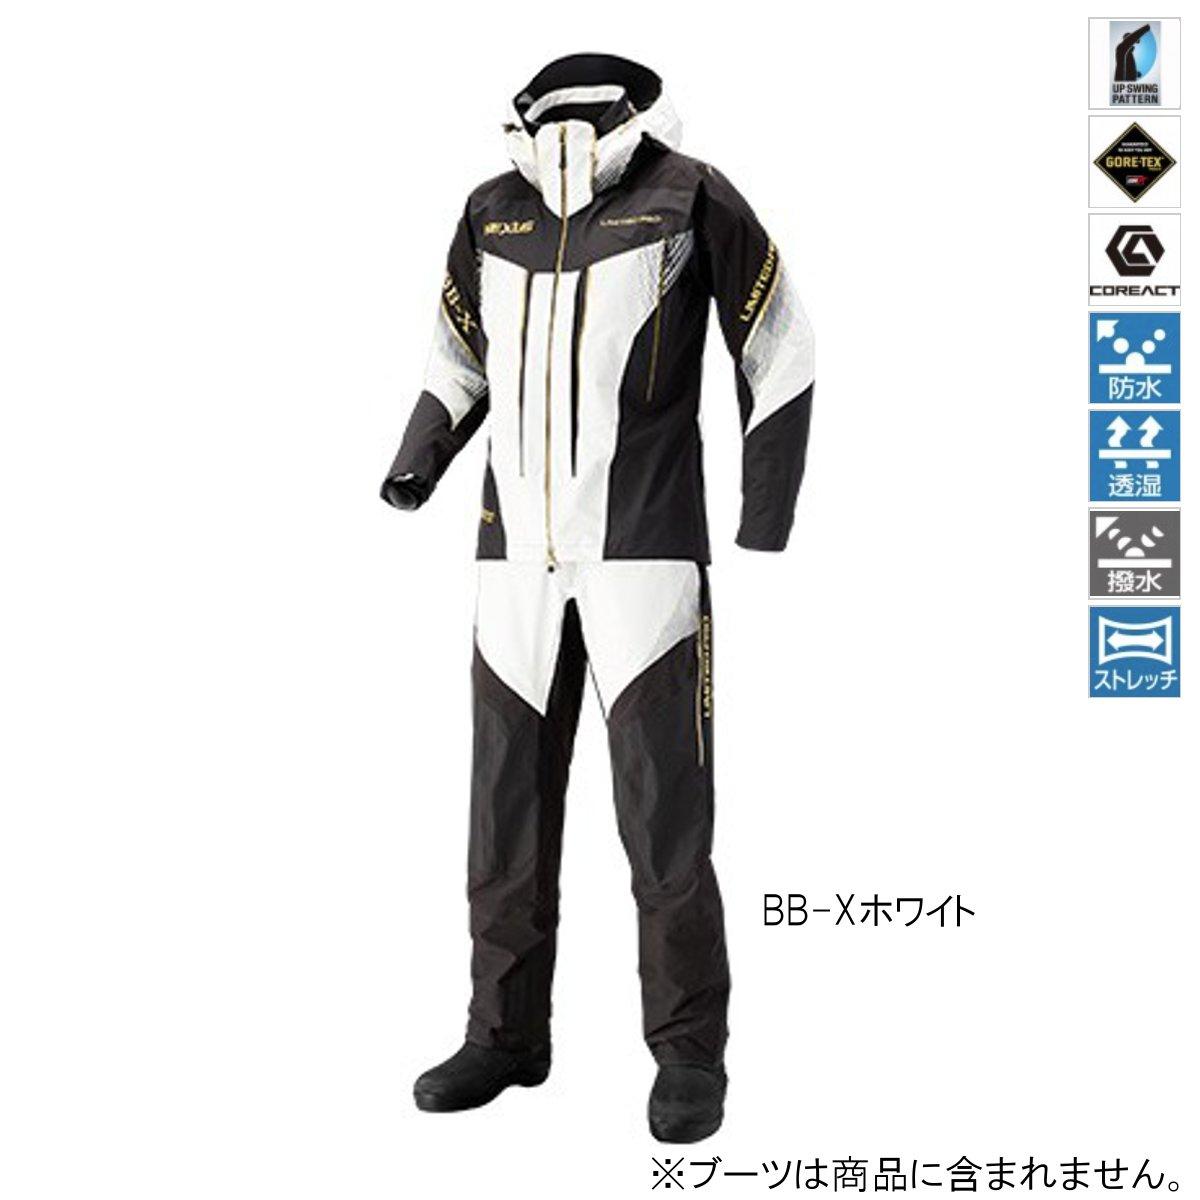 シマノ NEXUS・GORE-TEX レインスーツ LIMITED PRO RA-112S L BB-Xホワイト【送料無料】